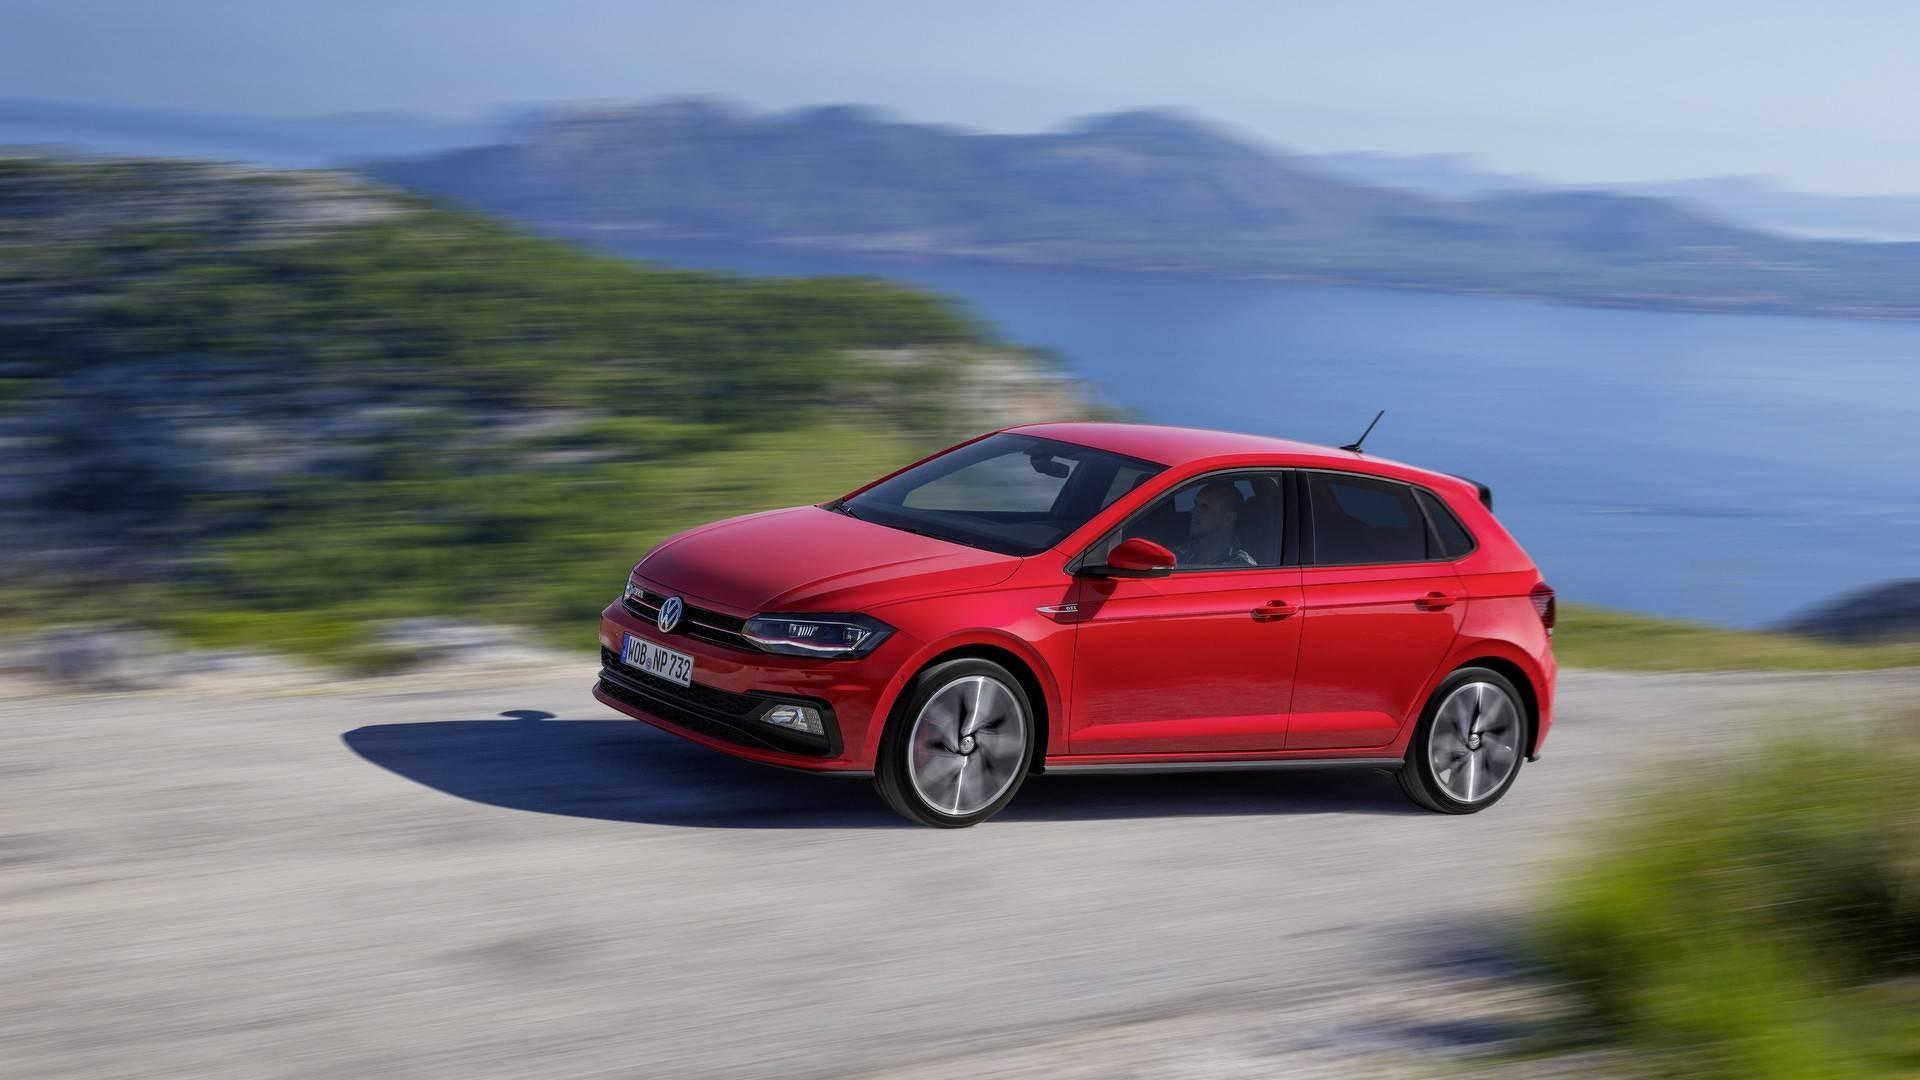 Особенности Volkswagen Polo GTI Performance Edition